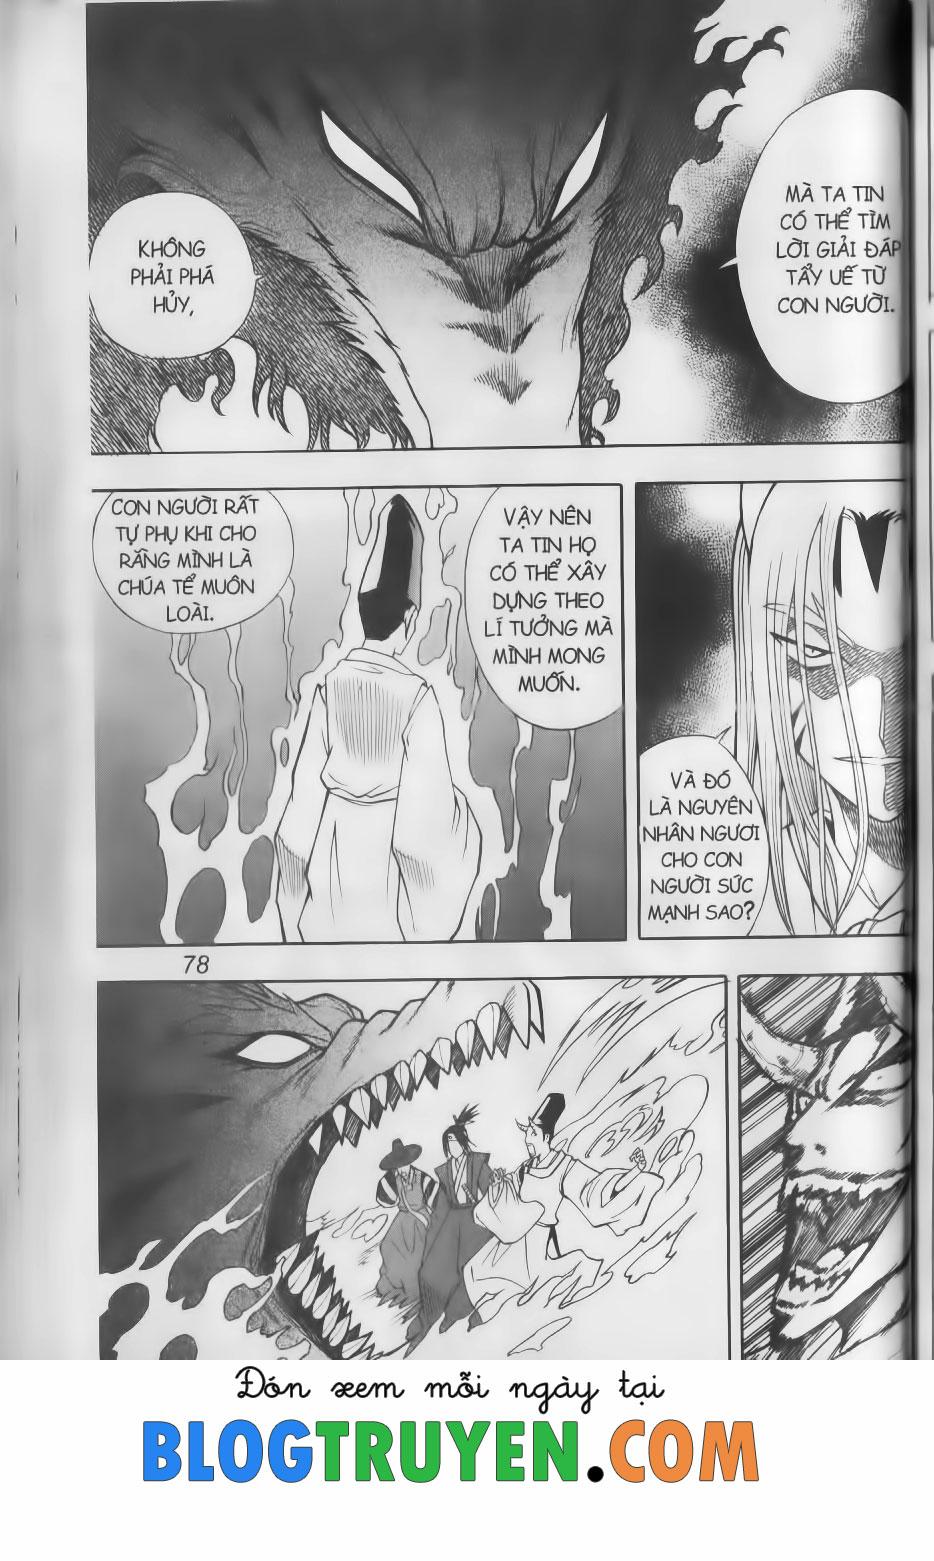 Hội pháp sư chap 74-a trang 23